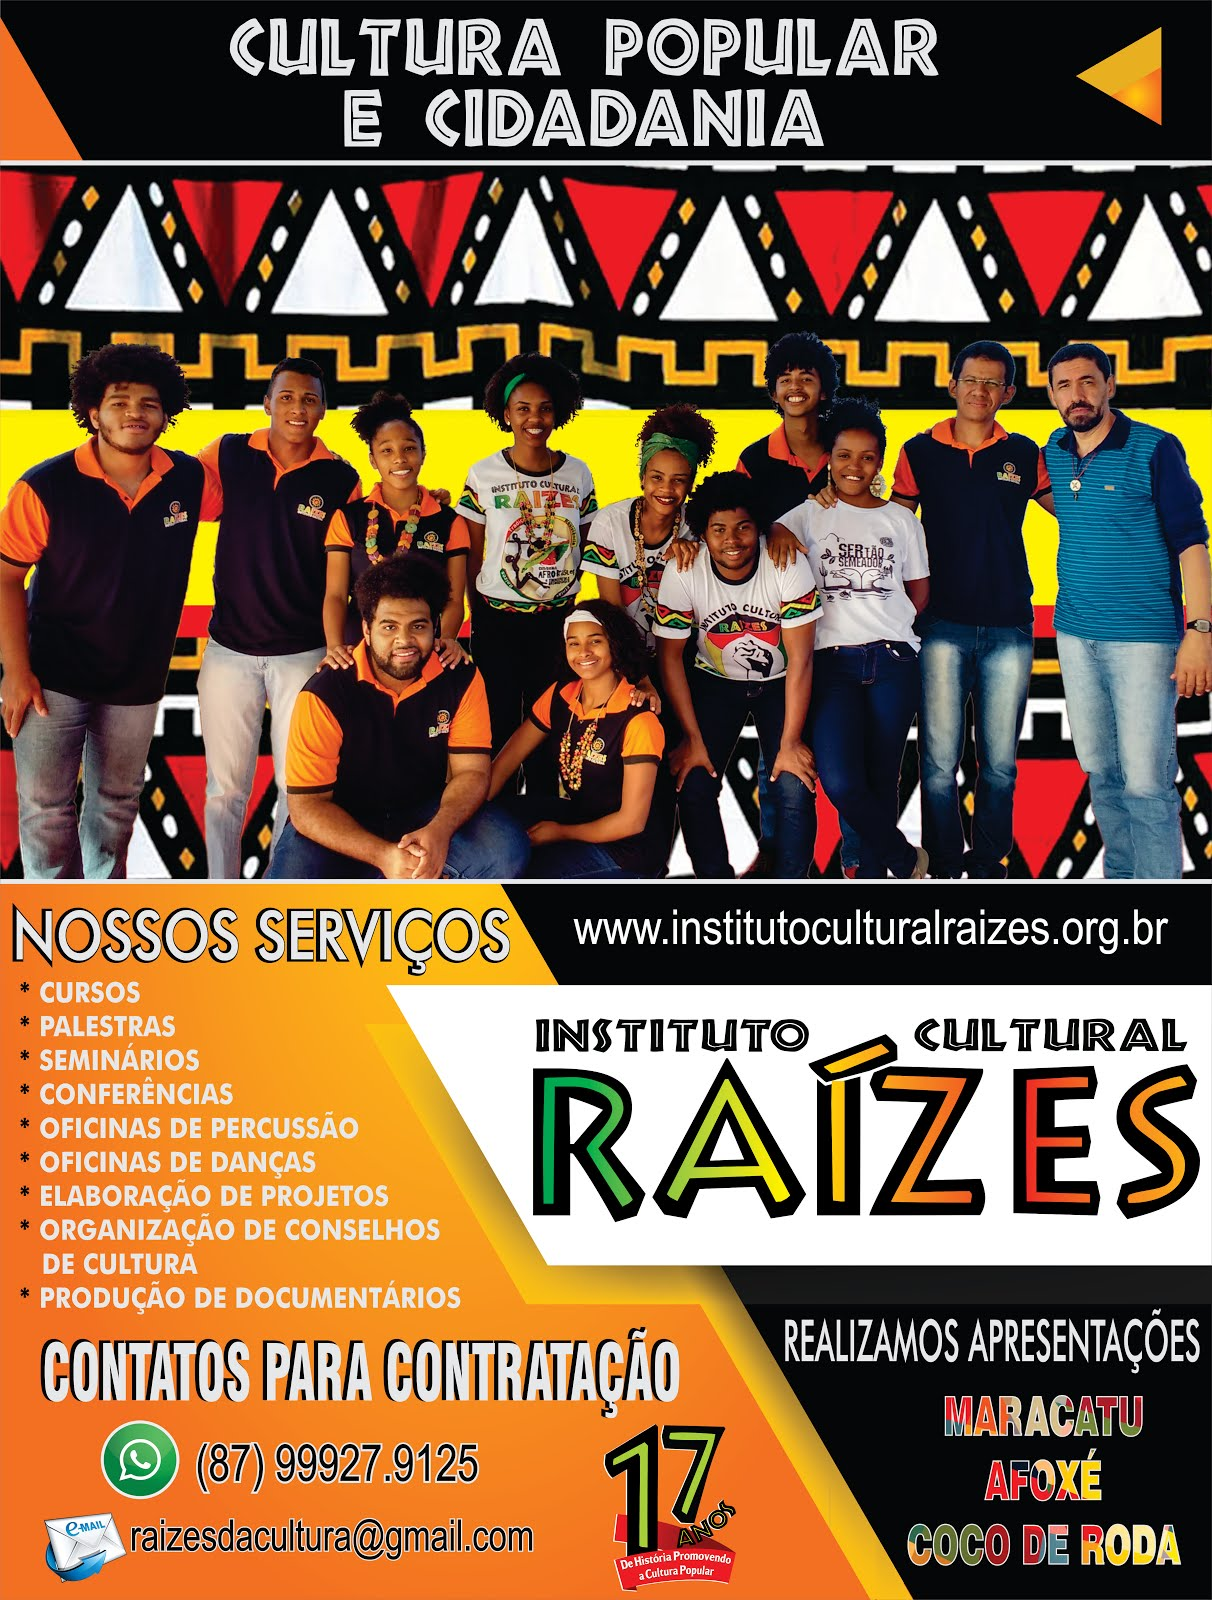 CONHEÇA NOSSO TRABALHO E NOSSOS SERVIÇOS